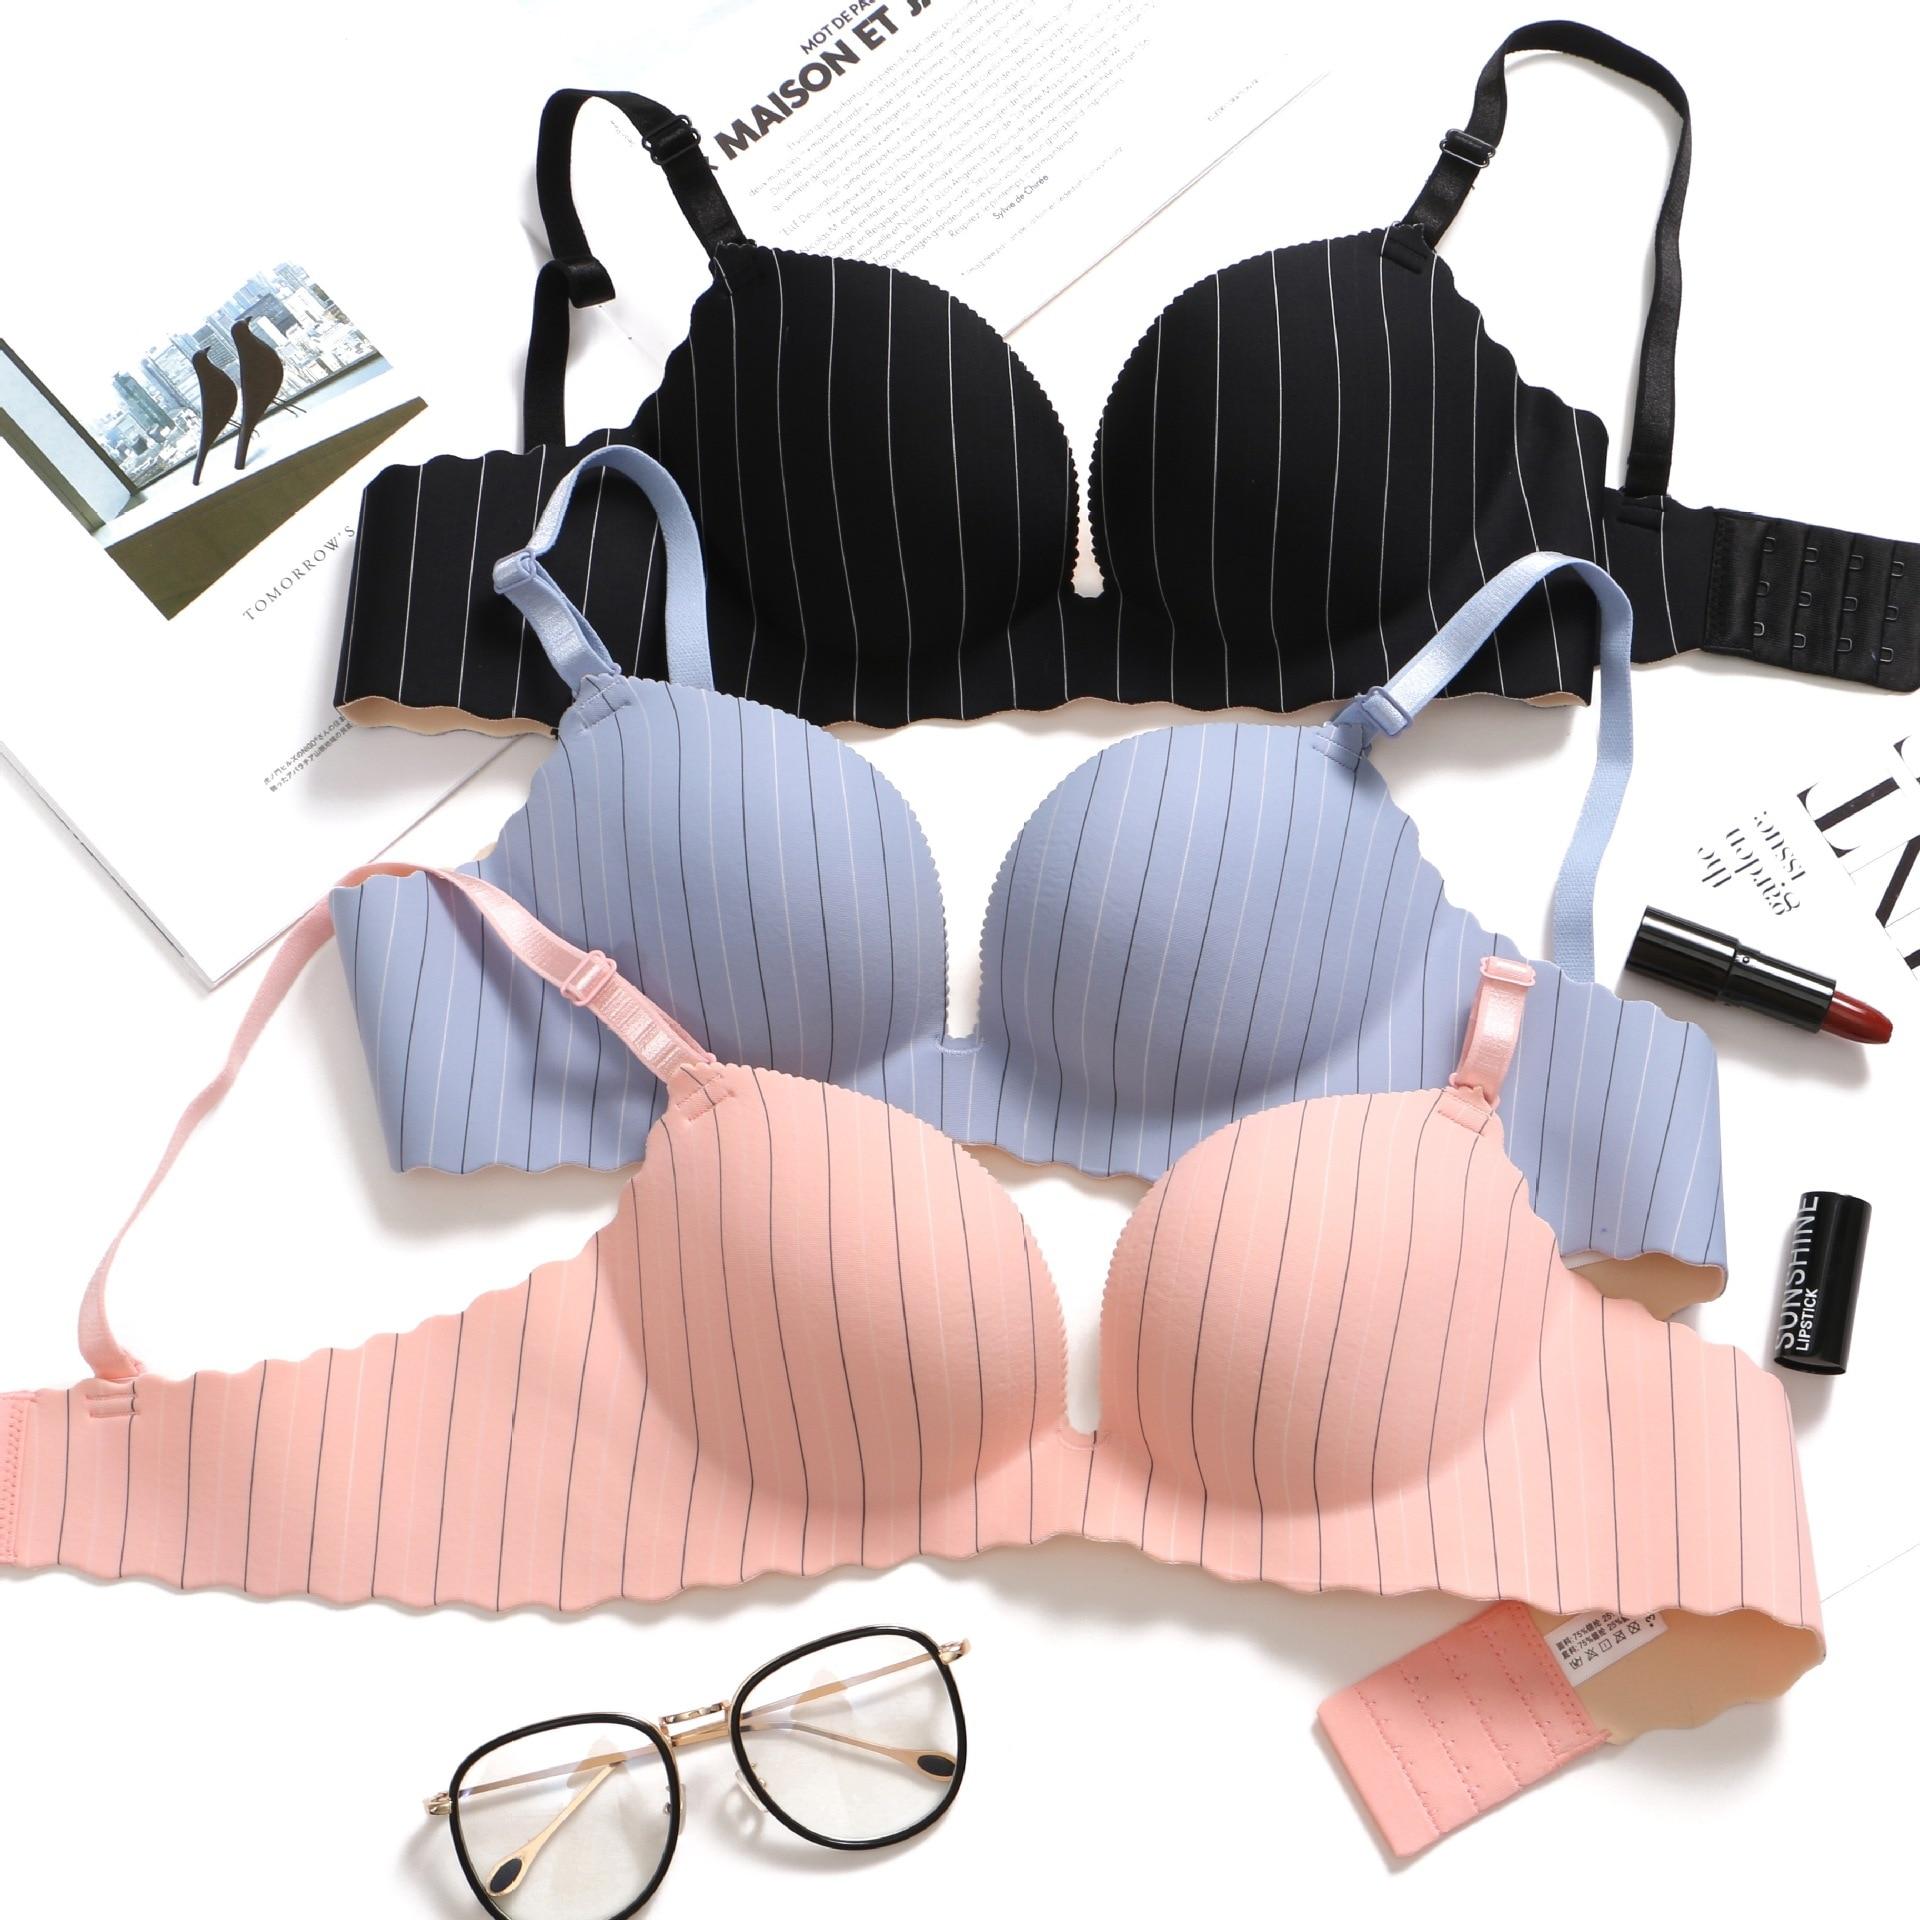 Sexy Gather breast bra Adjustable straps Women Seamless Underwear Push Up Bra Support chest dress wedding party bra